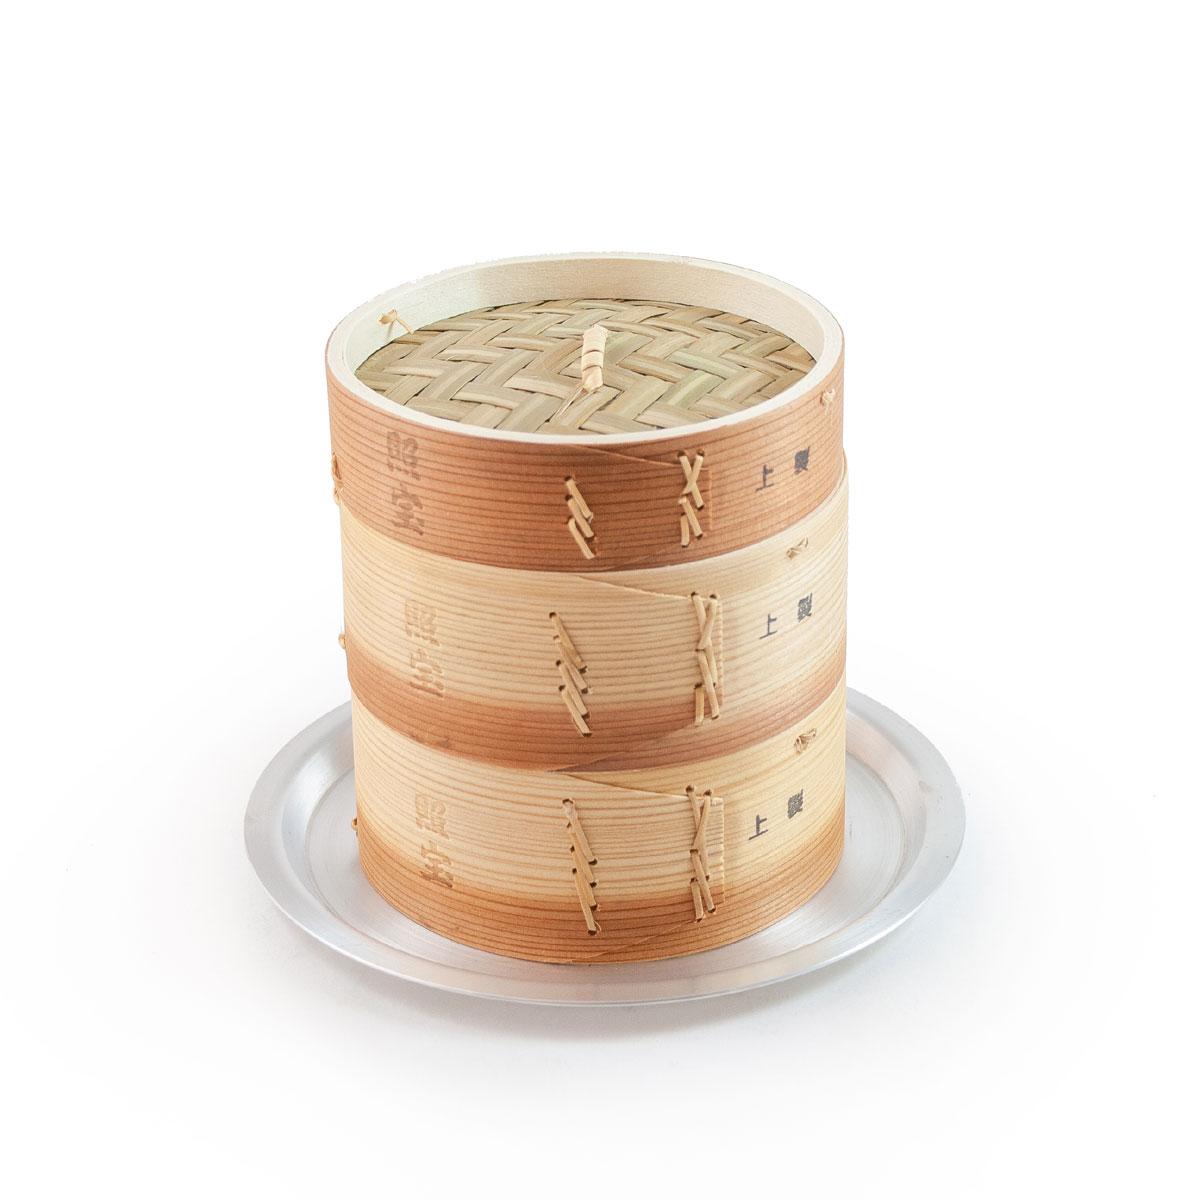 照宝 上製 中華せいろ 杉製 蒸し板セット φ15cm【RCP】【店頭受取対応商品】